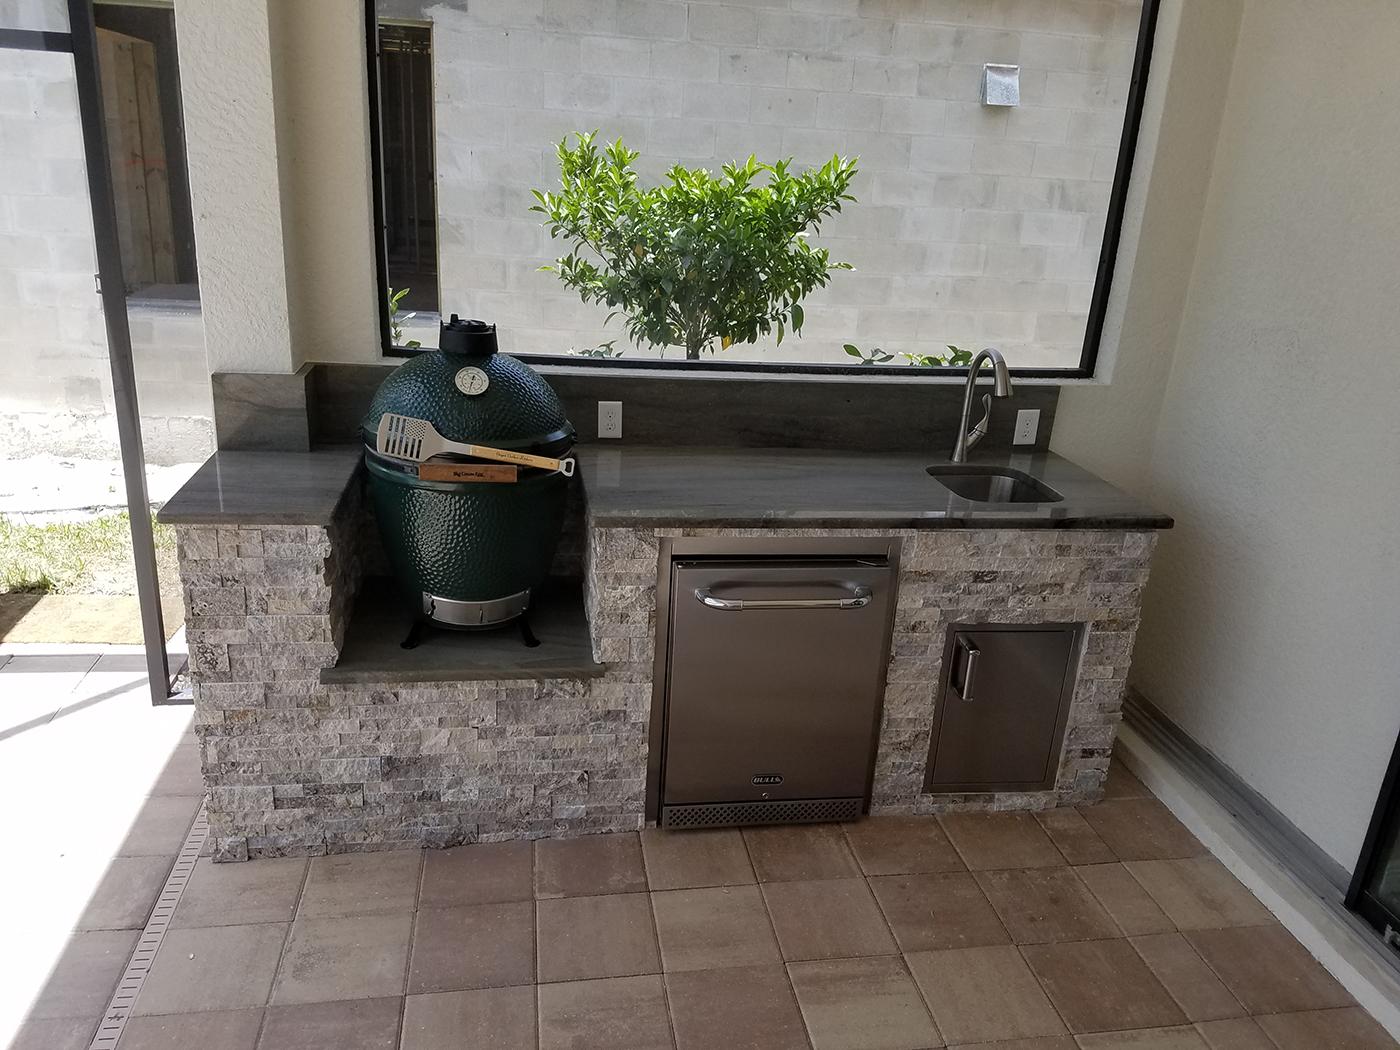 Big Green Egg Outdoor Küche Küche Erweitern Ideen Ikea Faktum 16394